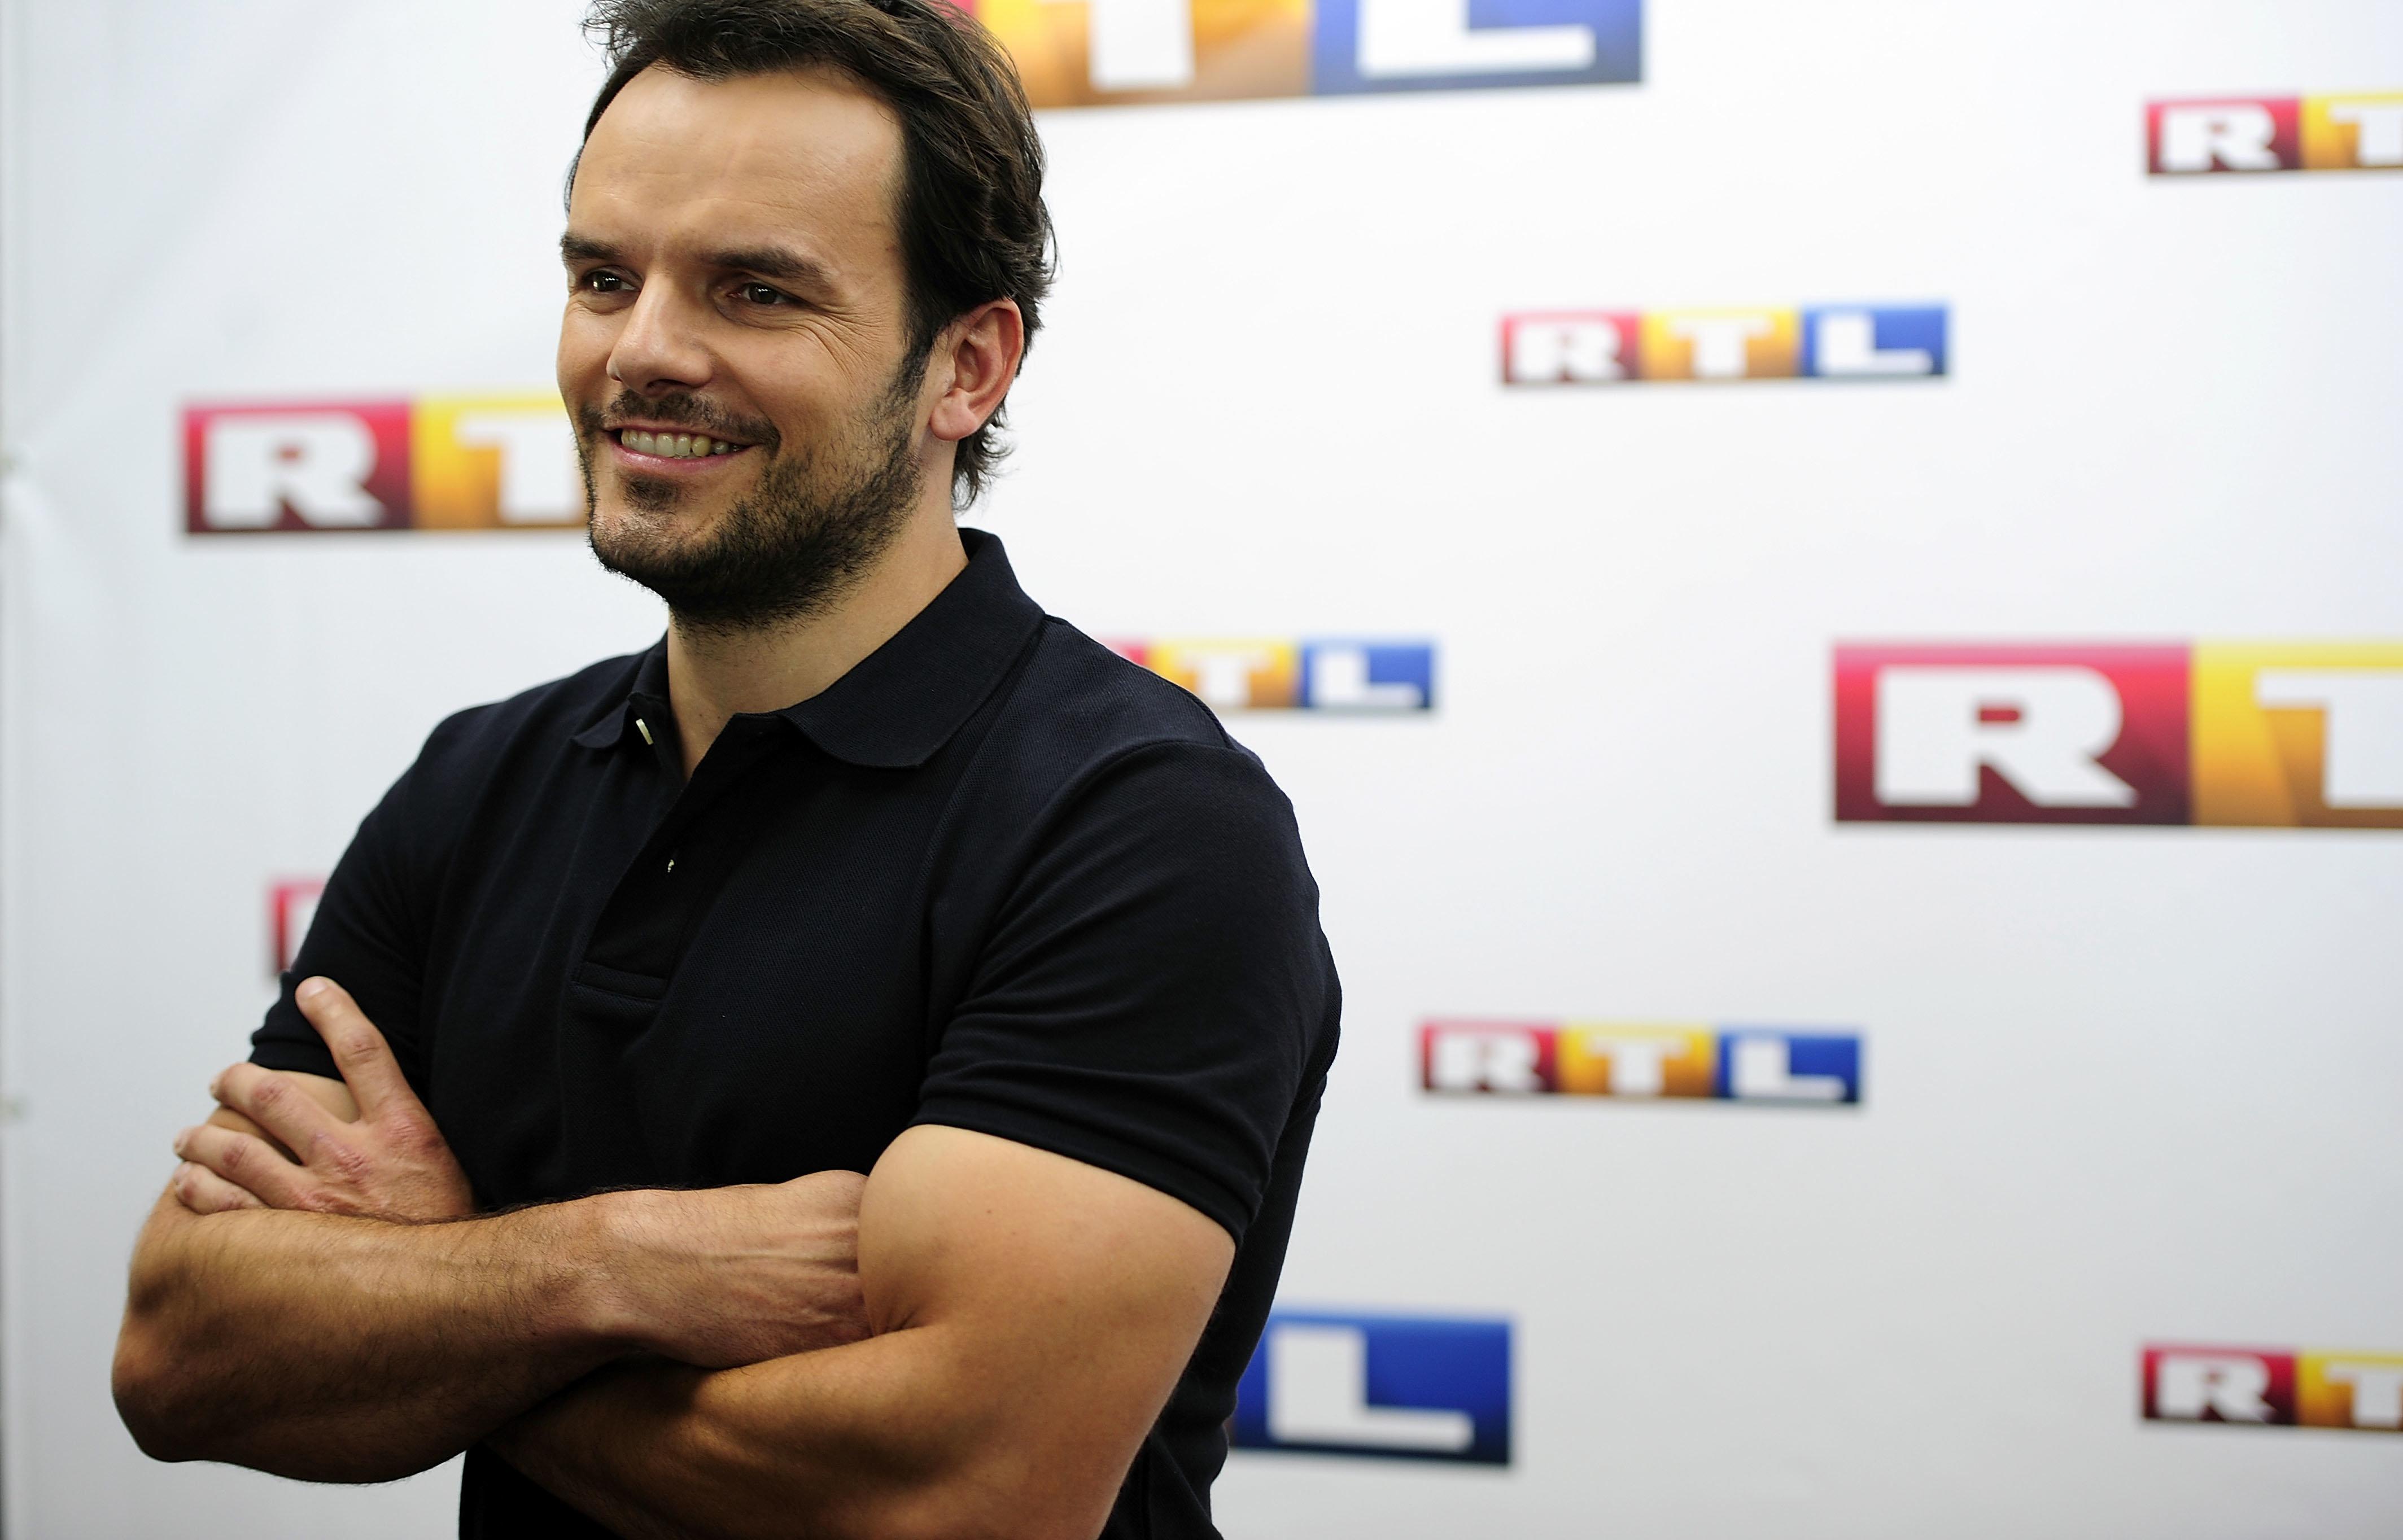 Dschungelcamp: Während des Finales hetzt TV-Koch Henssler gegen Kollege Rosin